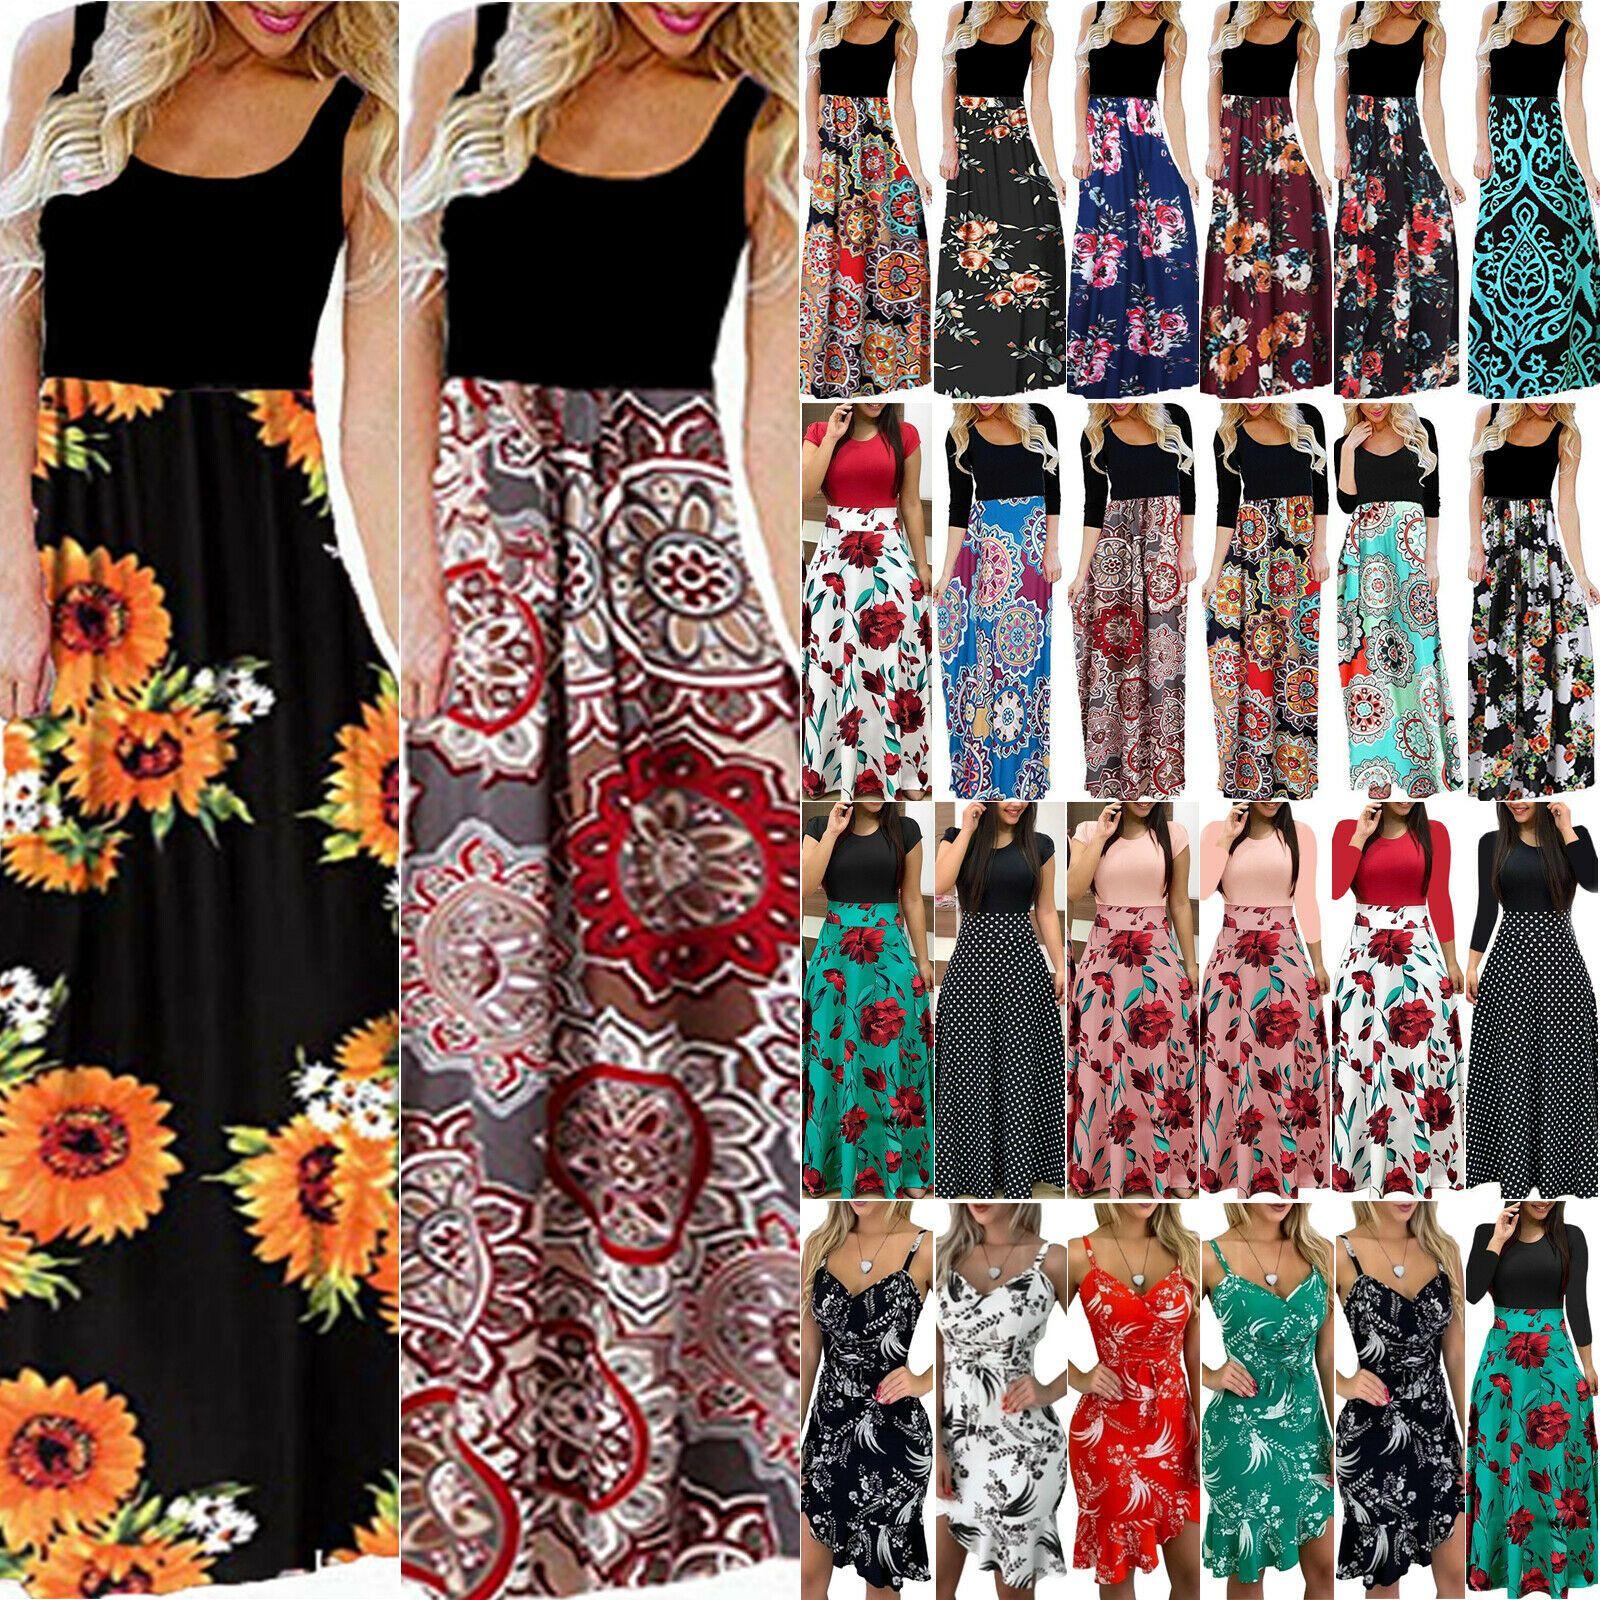 Damen Blumen Maxikleid Strandkleid Sommerkleid Cocktail Abendkleid Partykleid 48